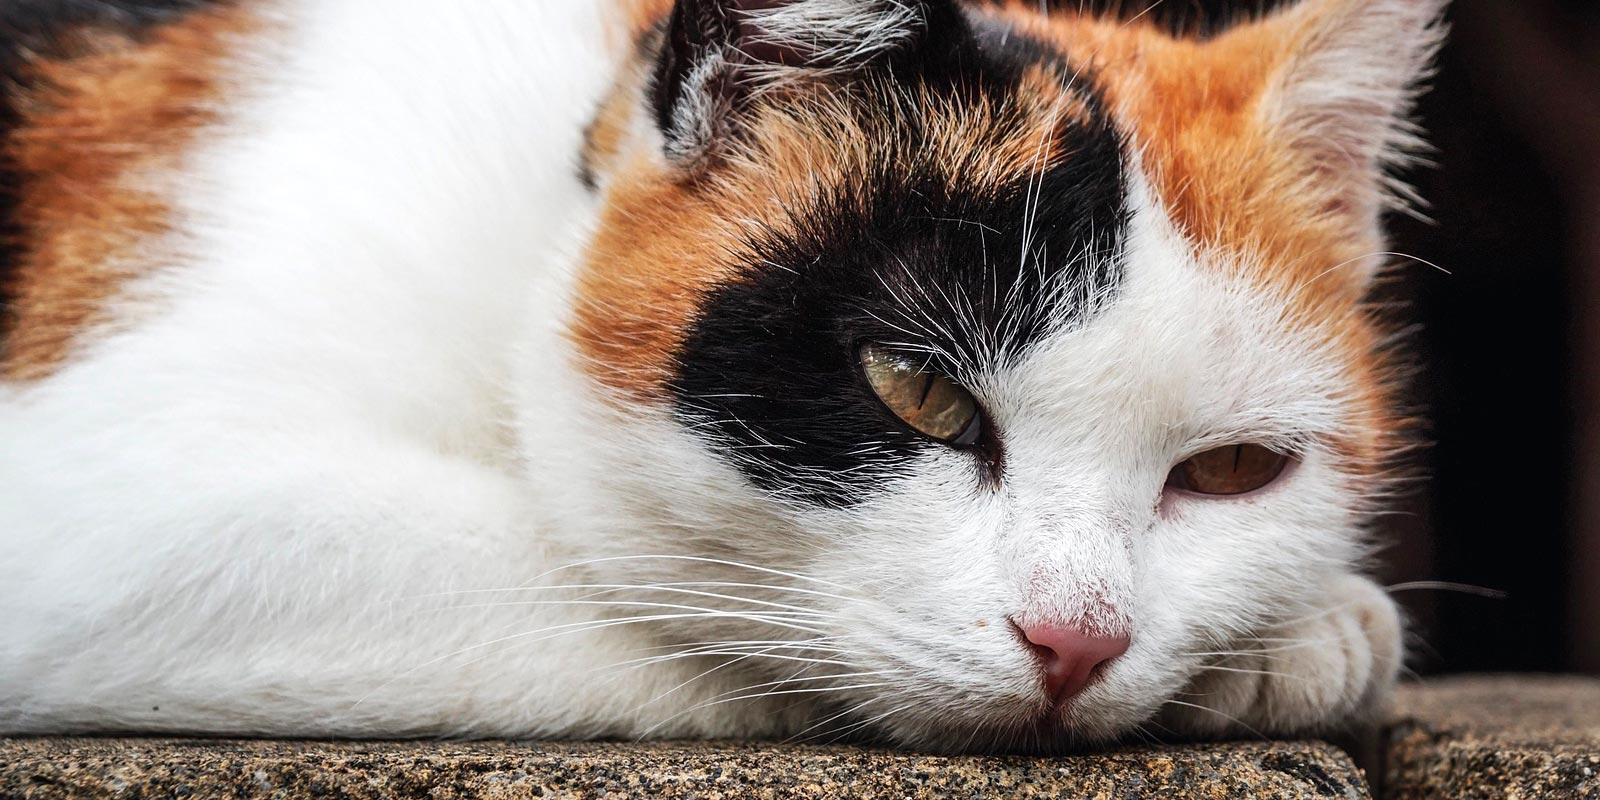 gato calico o tricolor recostado en el piso